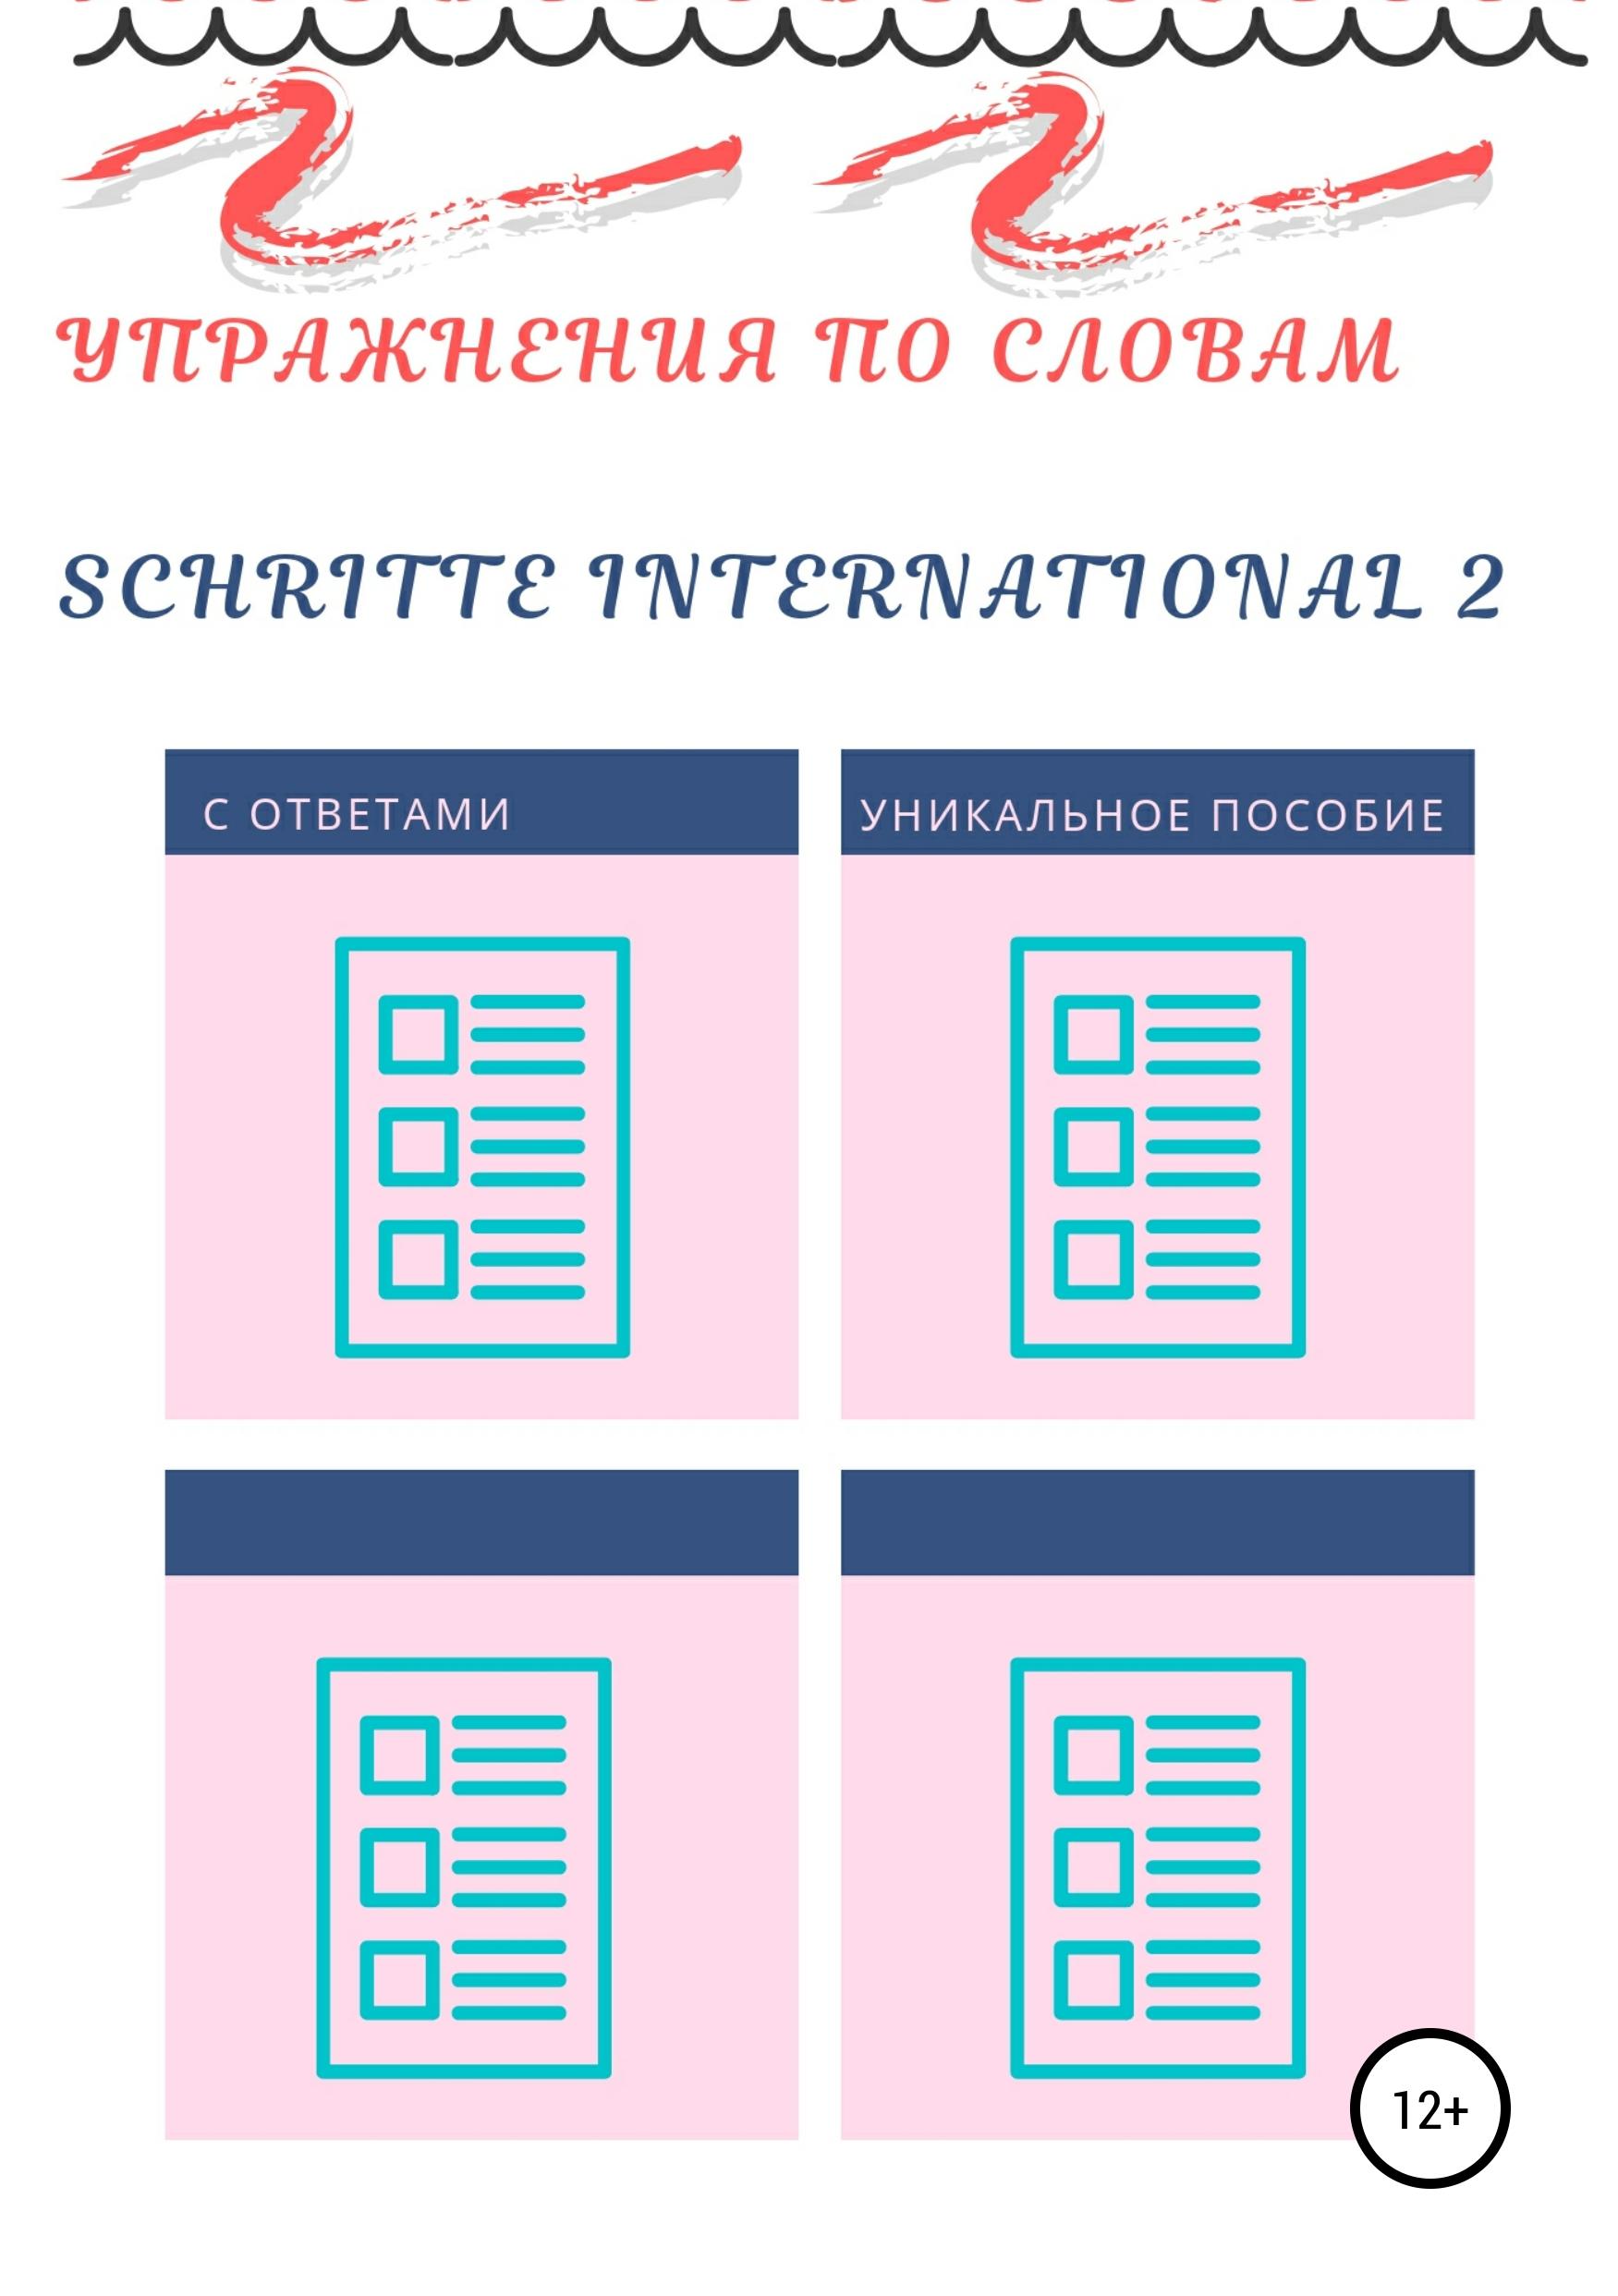 Диана Павловна Одинцова Упражнения по словам Schritte international 2 все цены